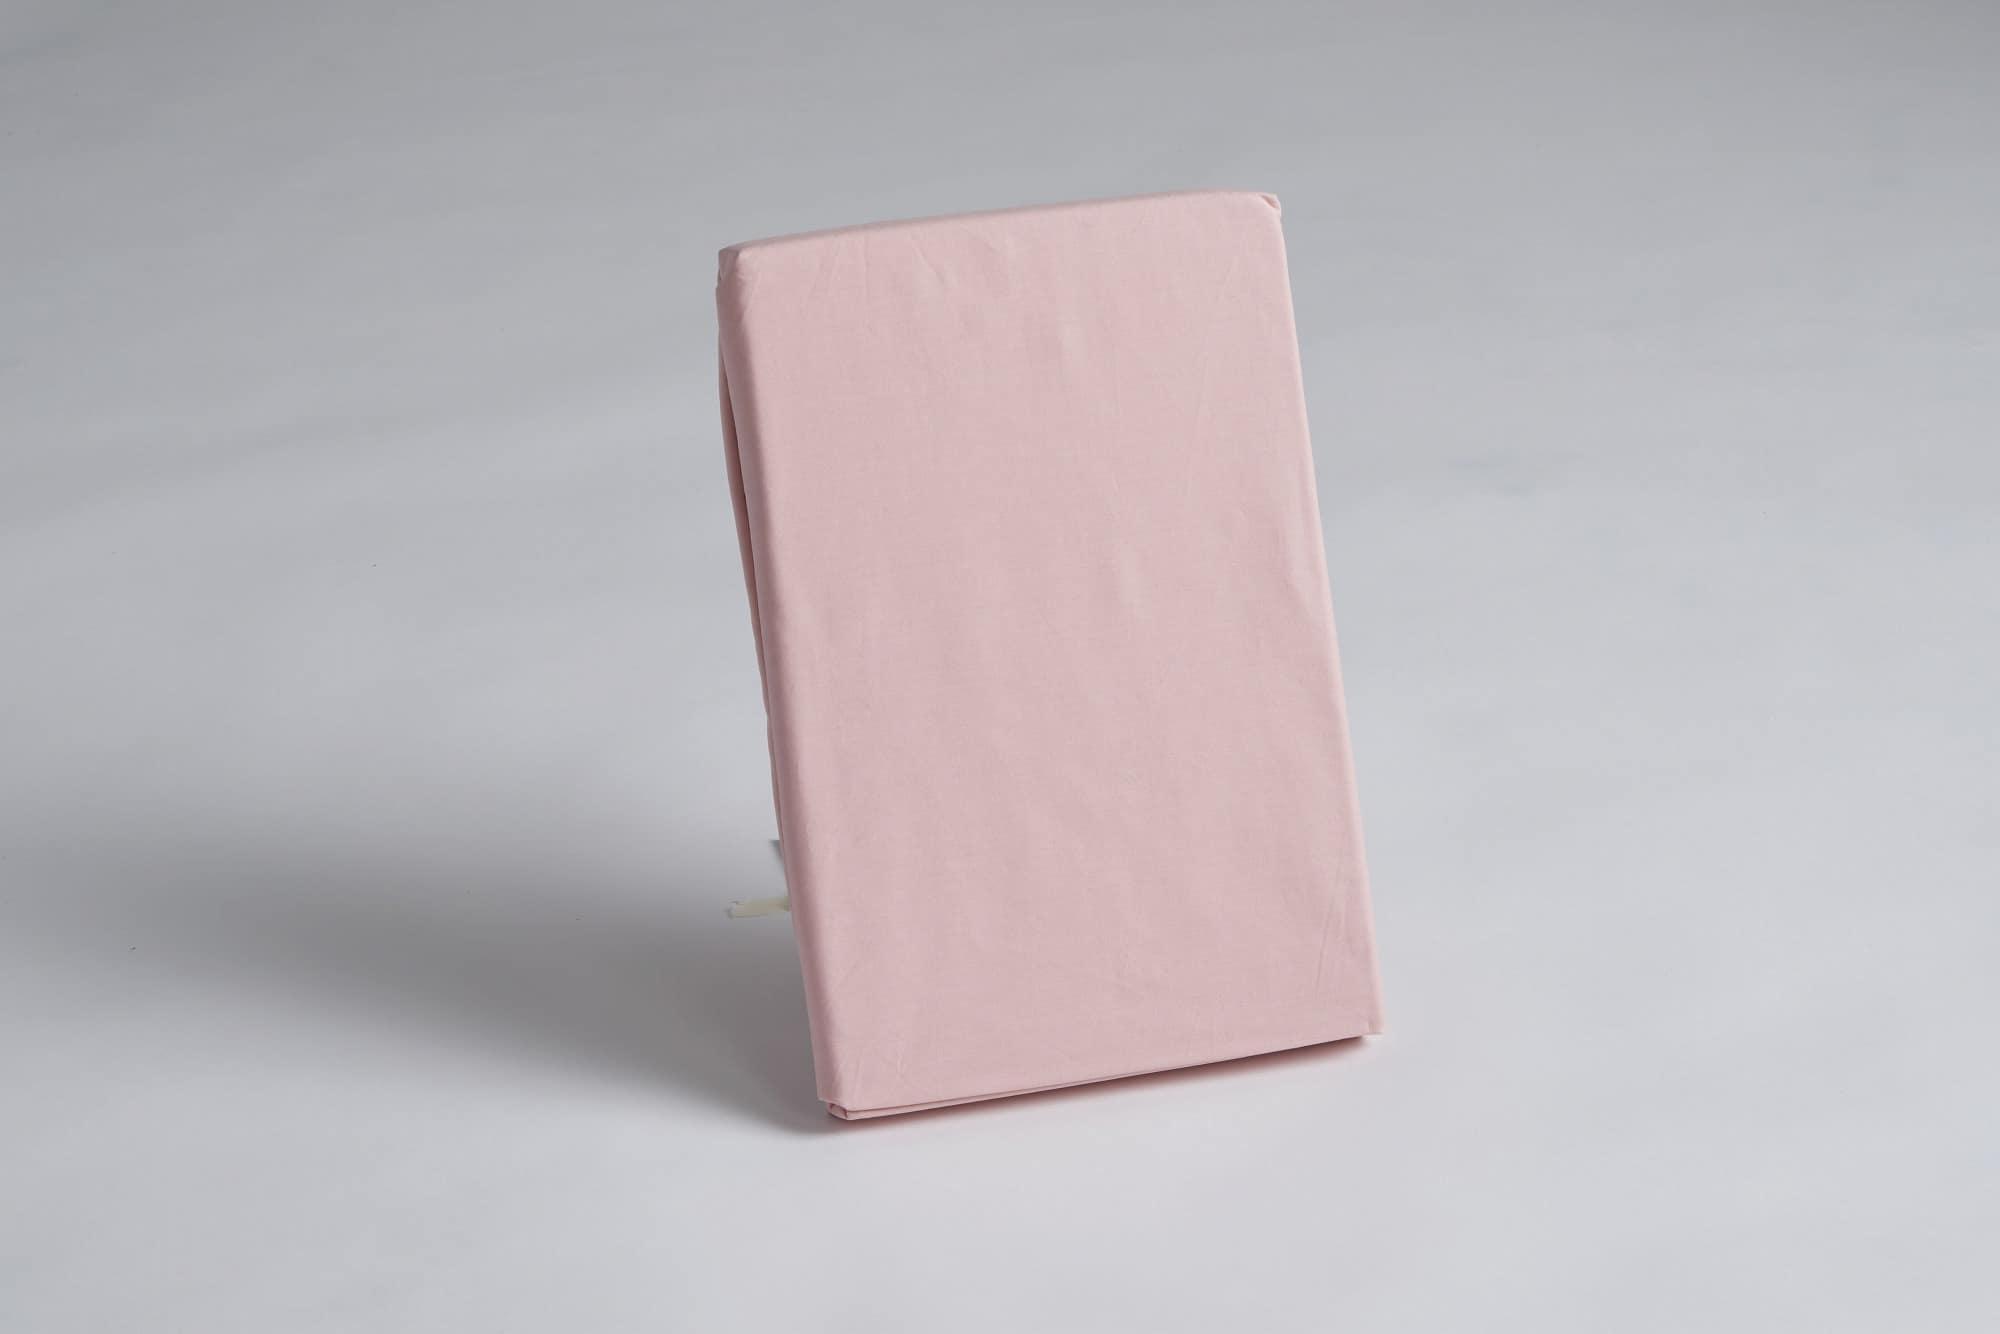 ボックスシーツ クイーン2用 36H ピンク:《綿100%を使用したボックスシーツ》